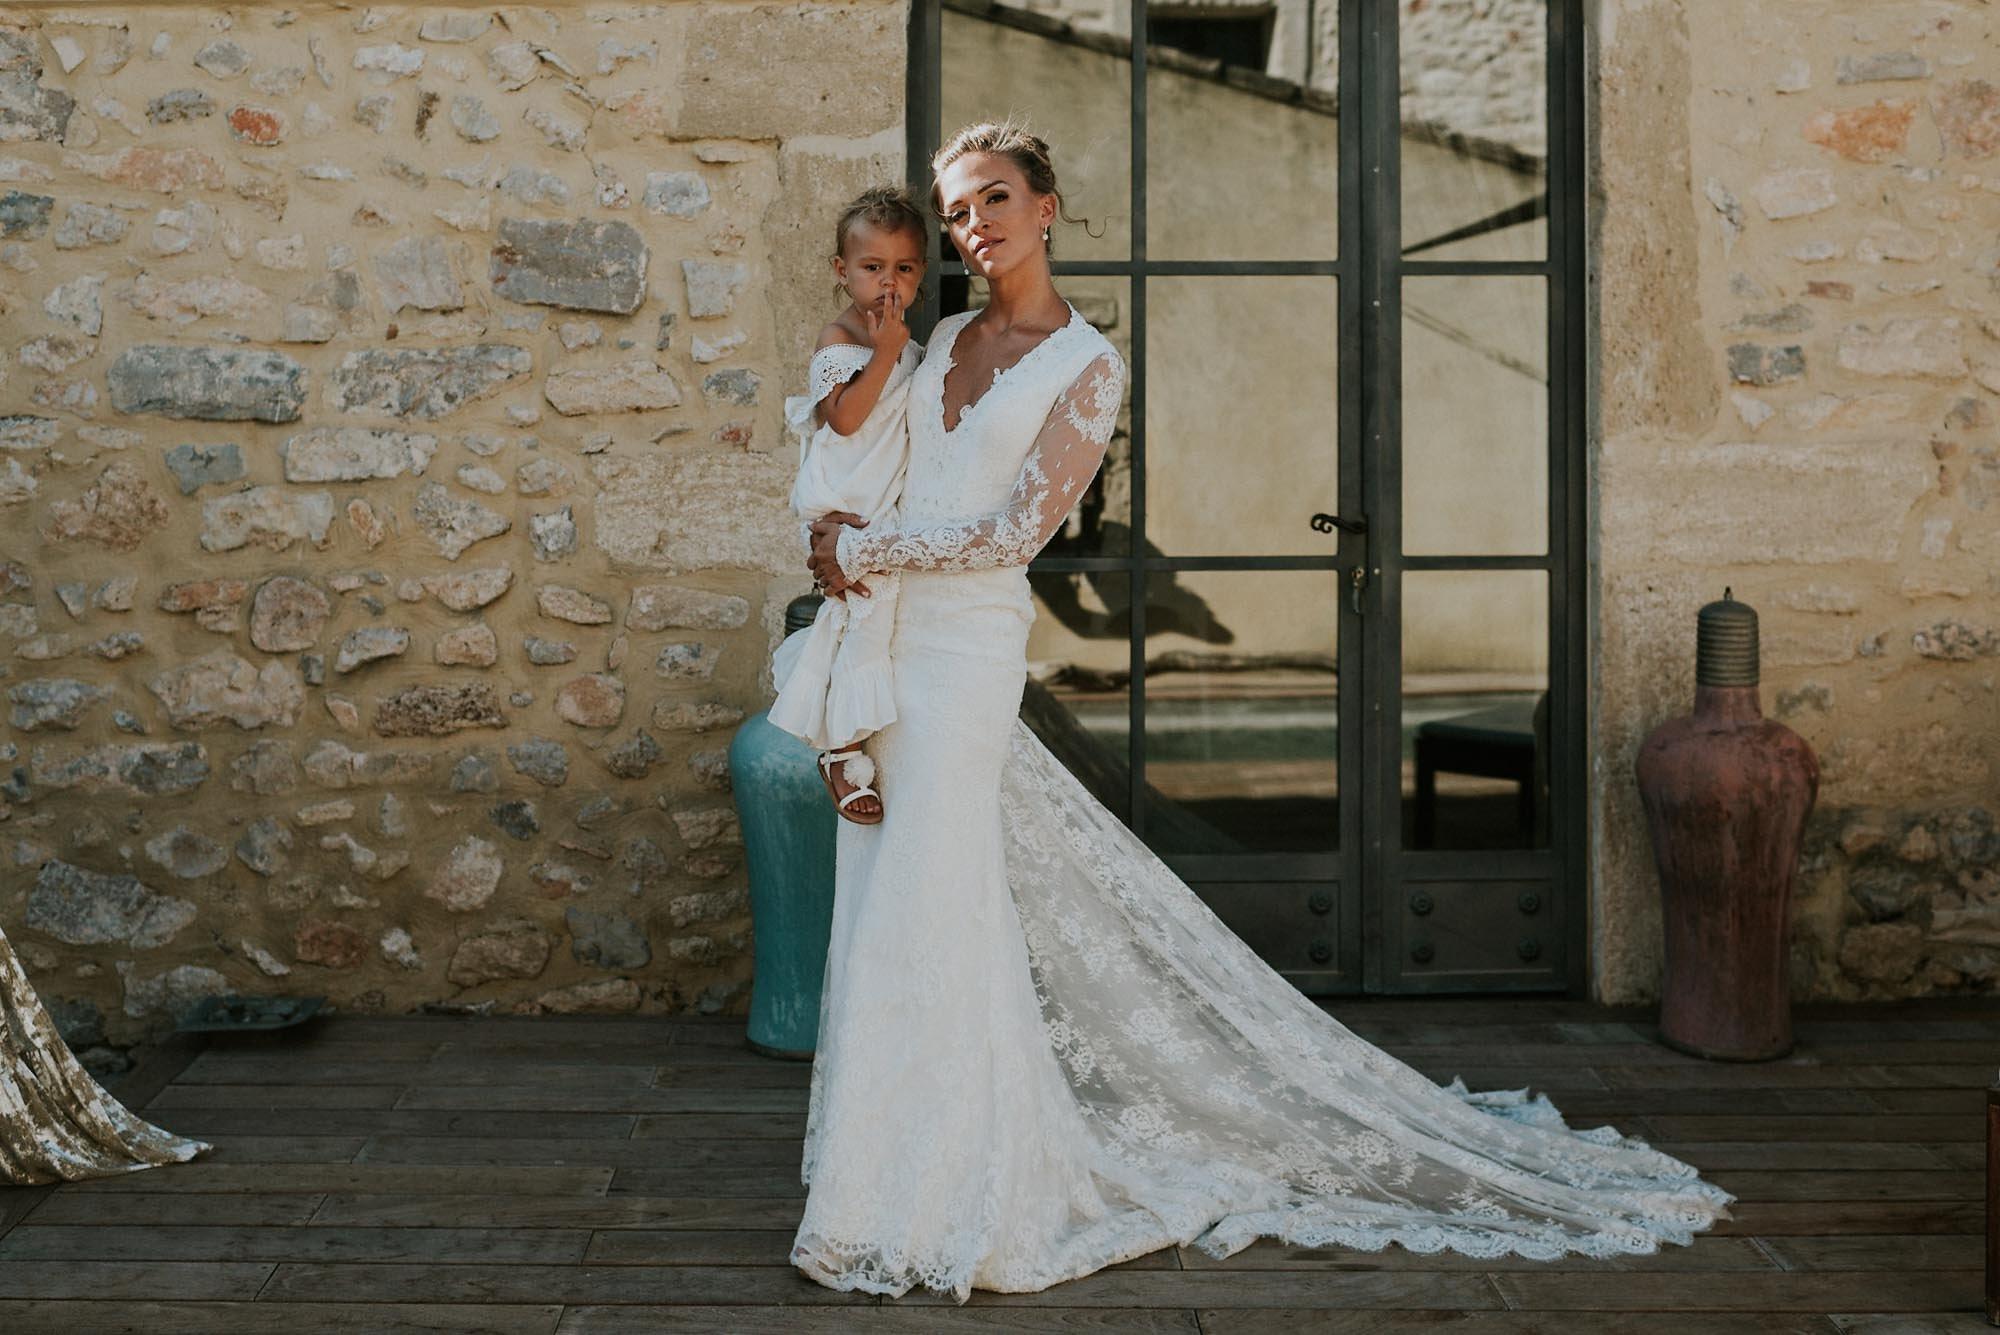 Mariage-Marie-Juulie-&-Amaury-17_06_2017-926.jpg